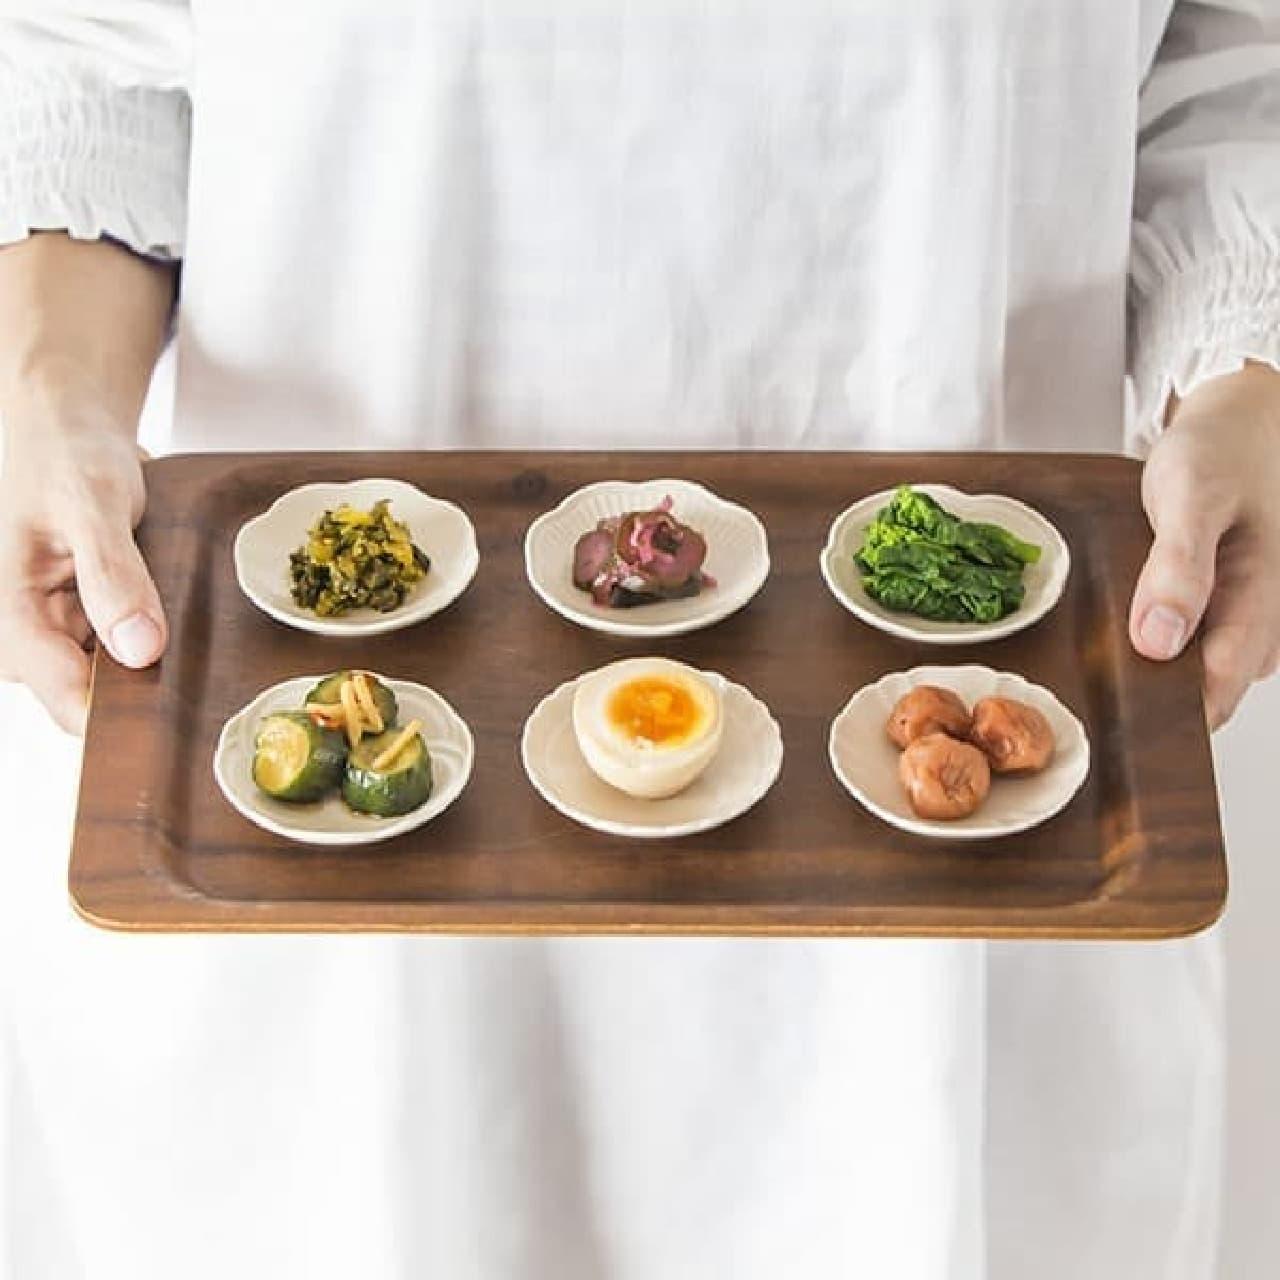 栗原はるみさんプロデュース、黄色のフライパンや花型のお皿など